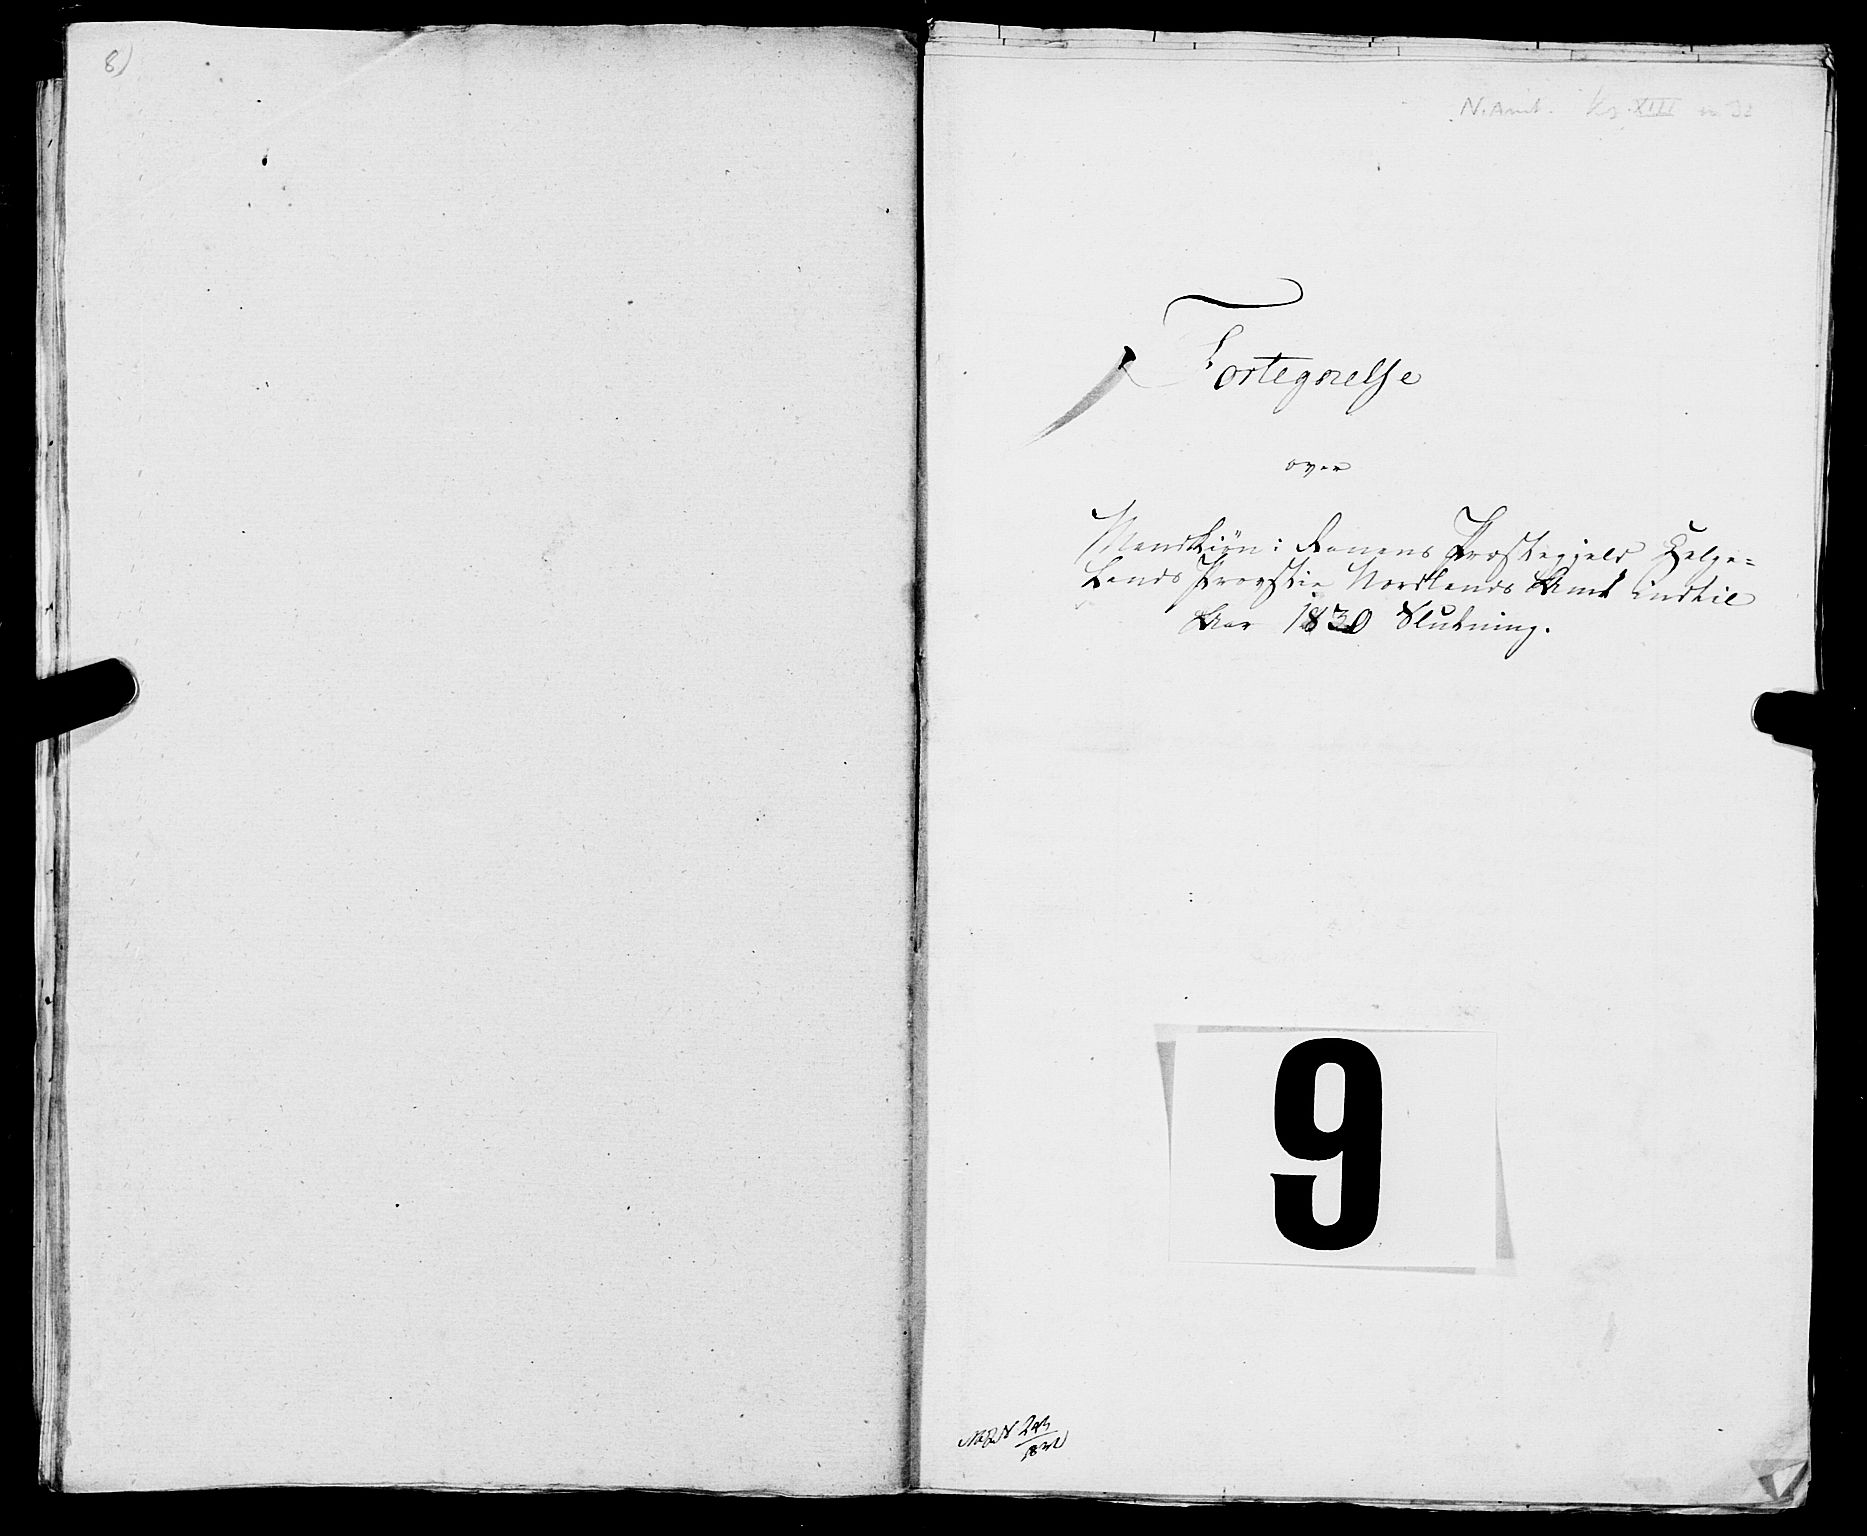 SAT, Fylkesmannen i Nordland, R/RA/L0013: Innrulleringsmanntall for Hemnes (Sør-Rana), 1809-1835, s. 210